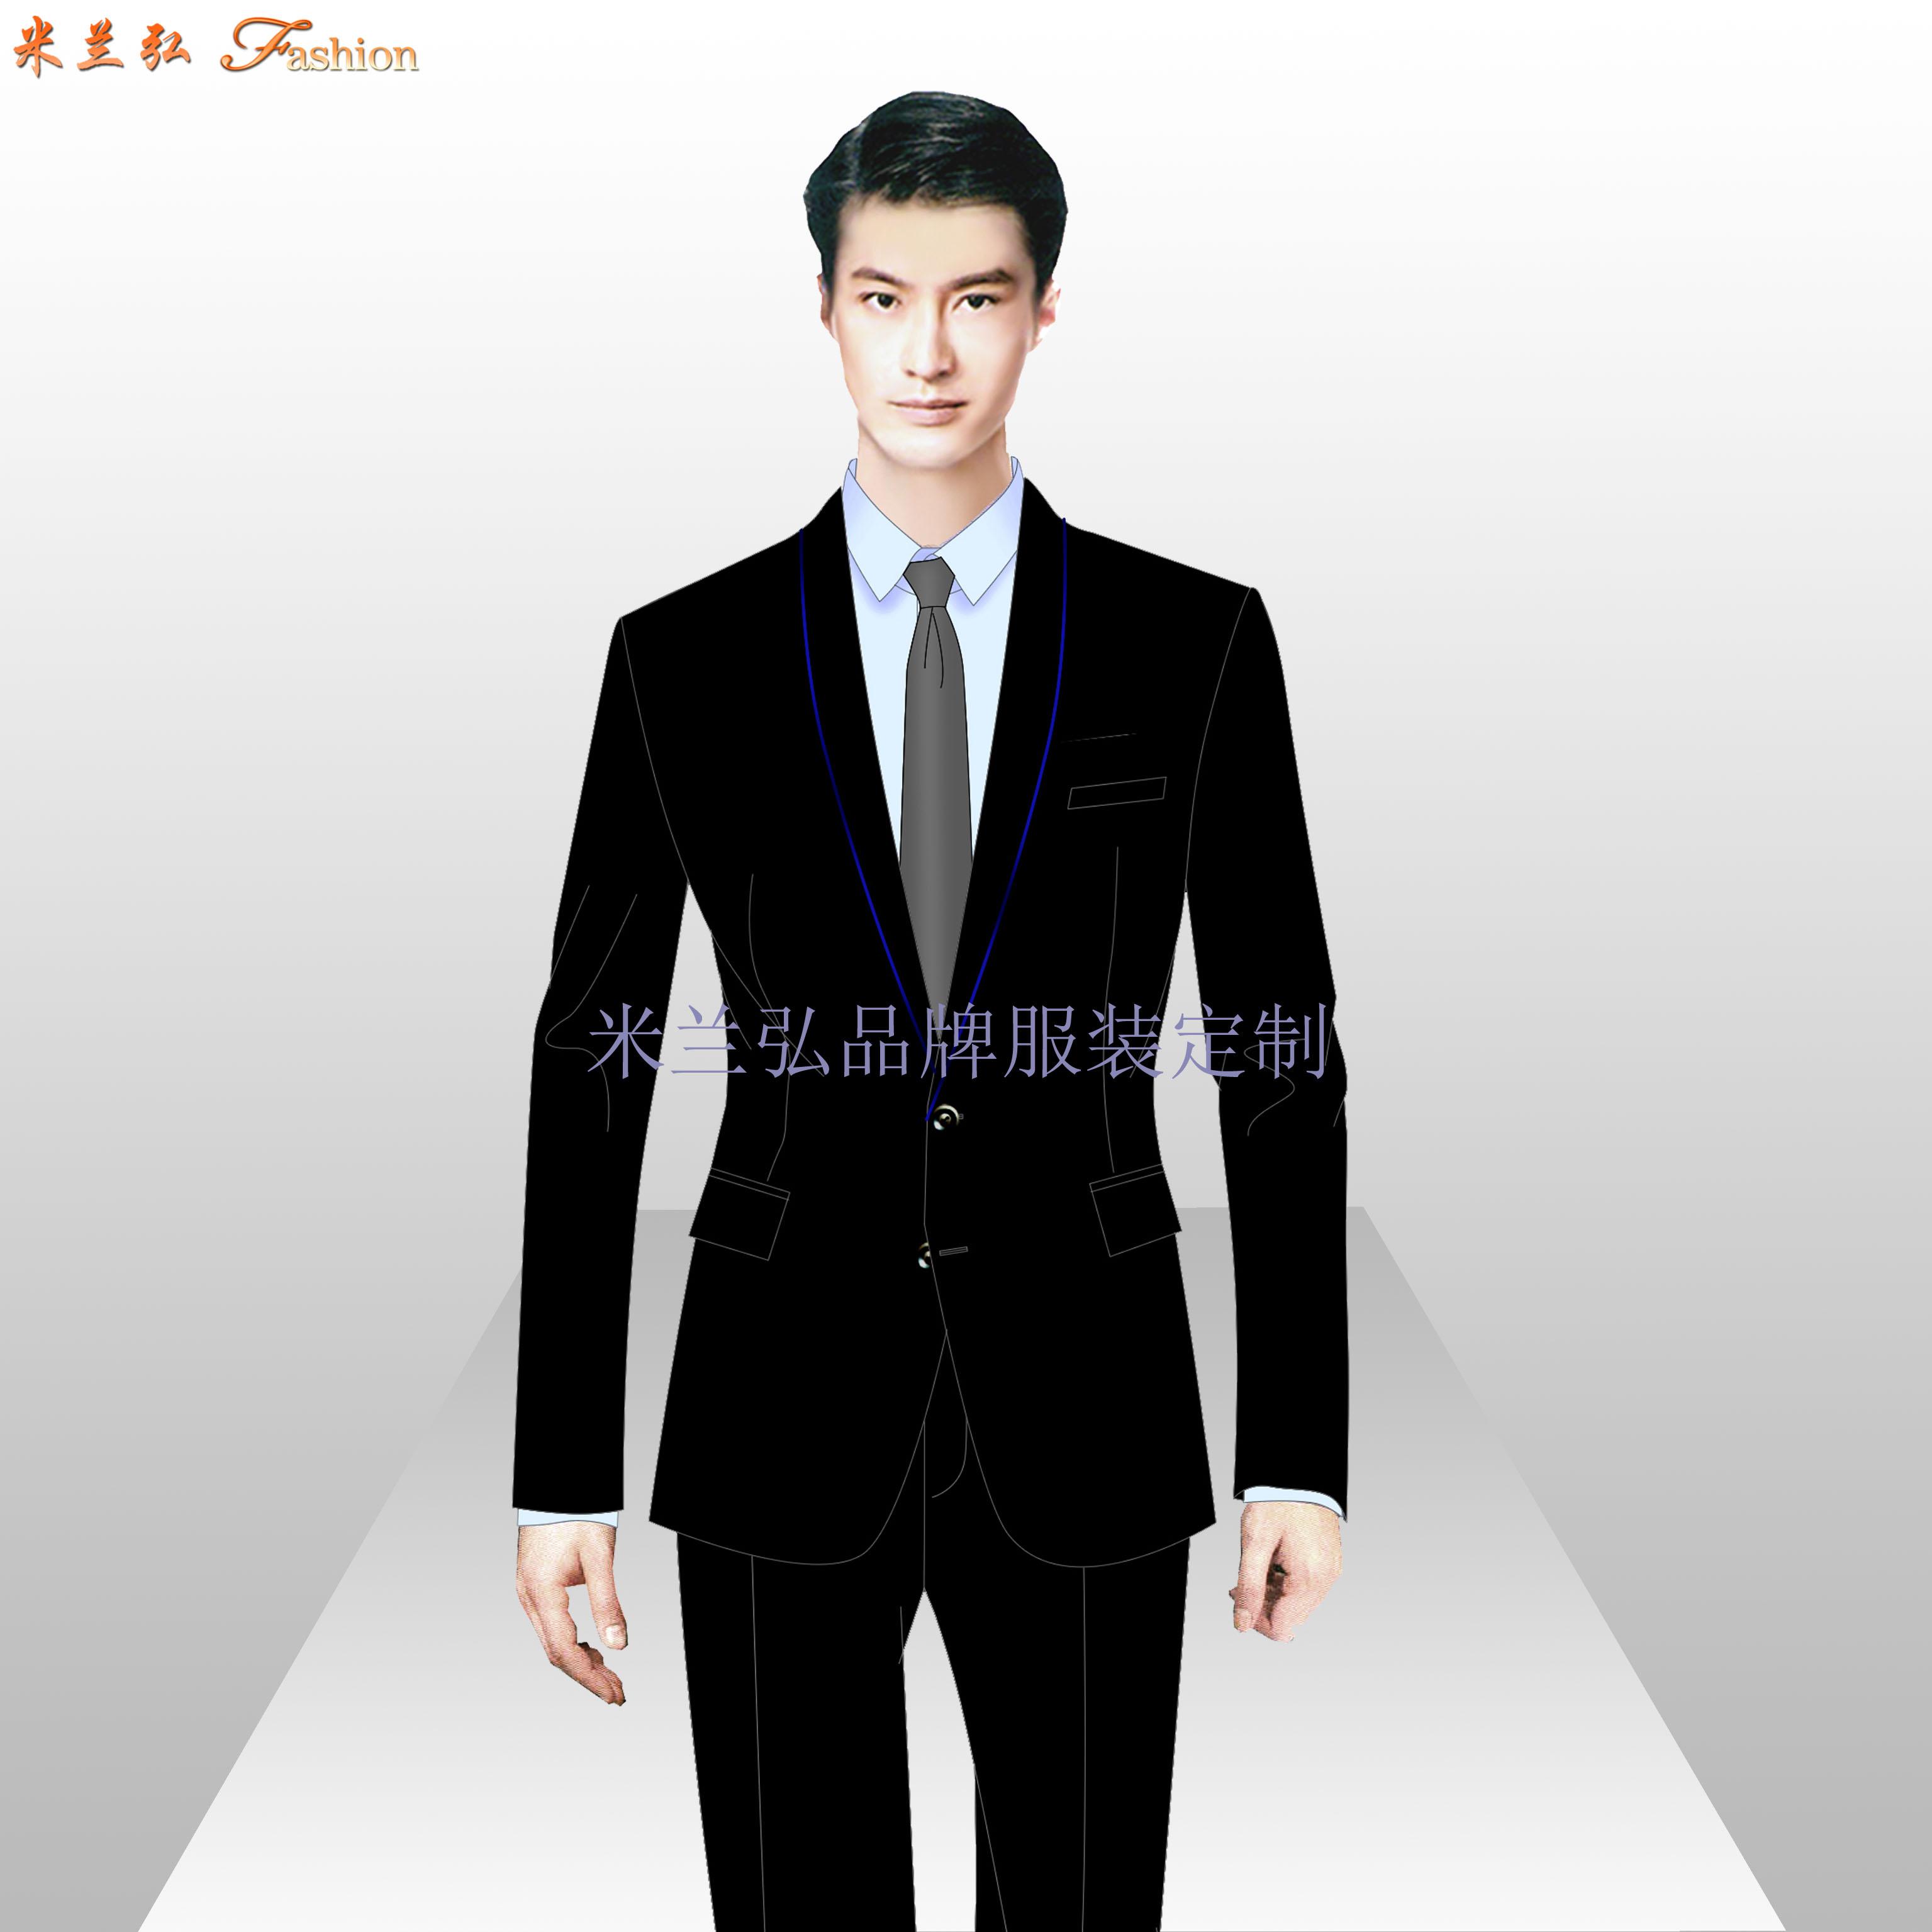 定制西裝-正裝西裝量身定做-米蘭弘服裝廠家-3